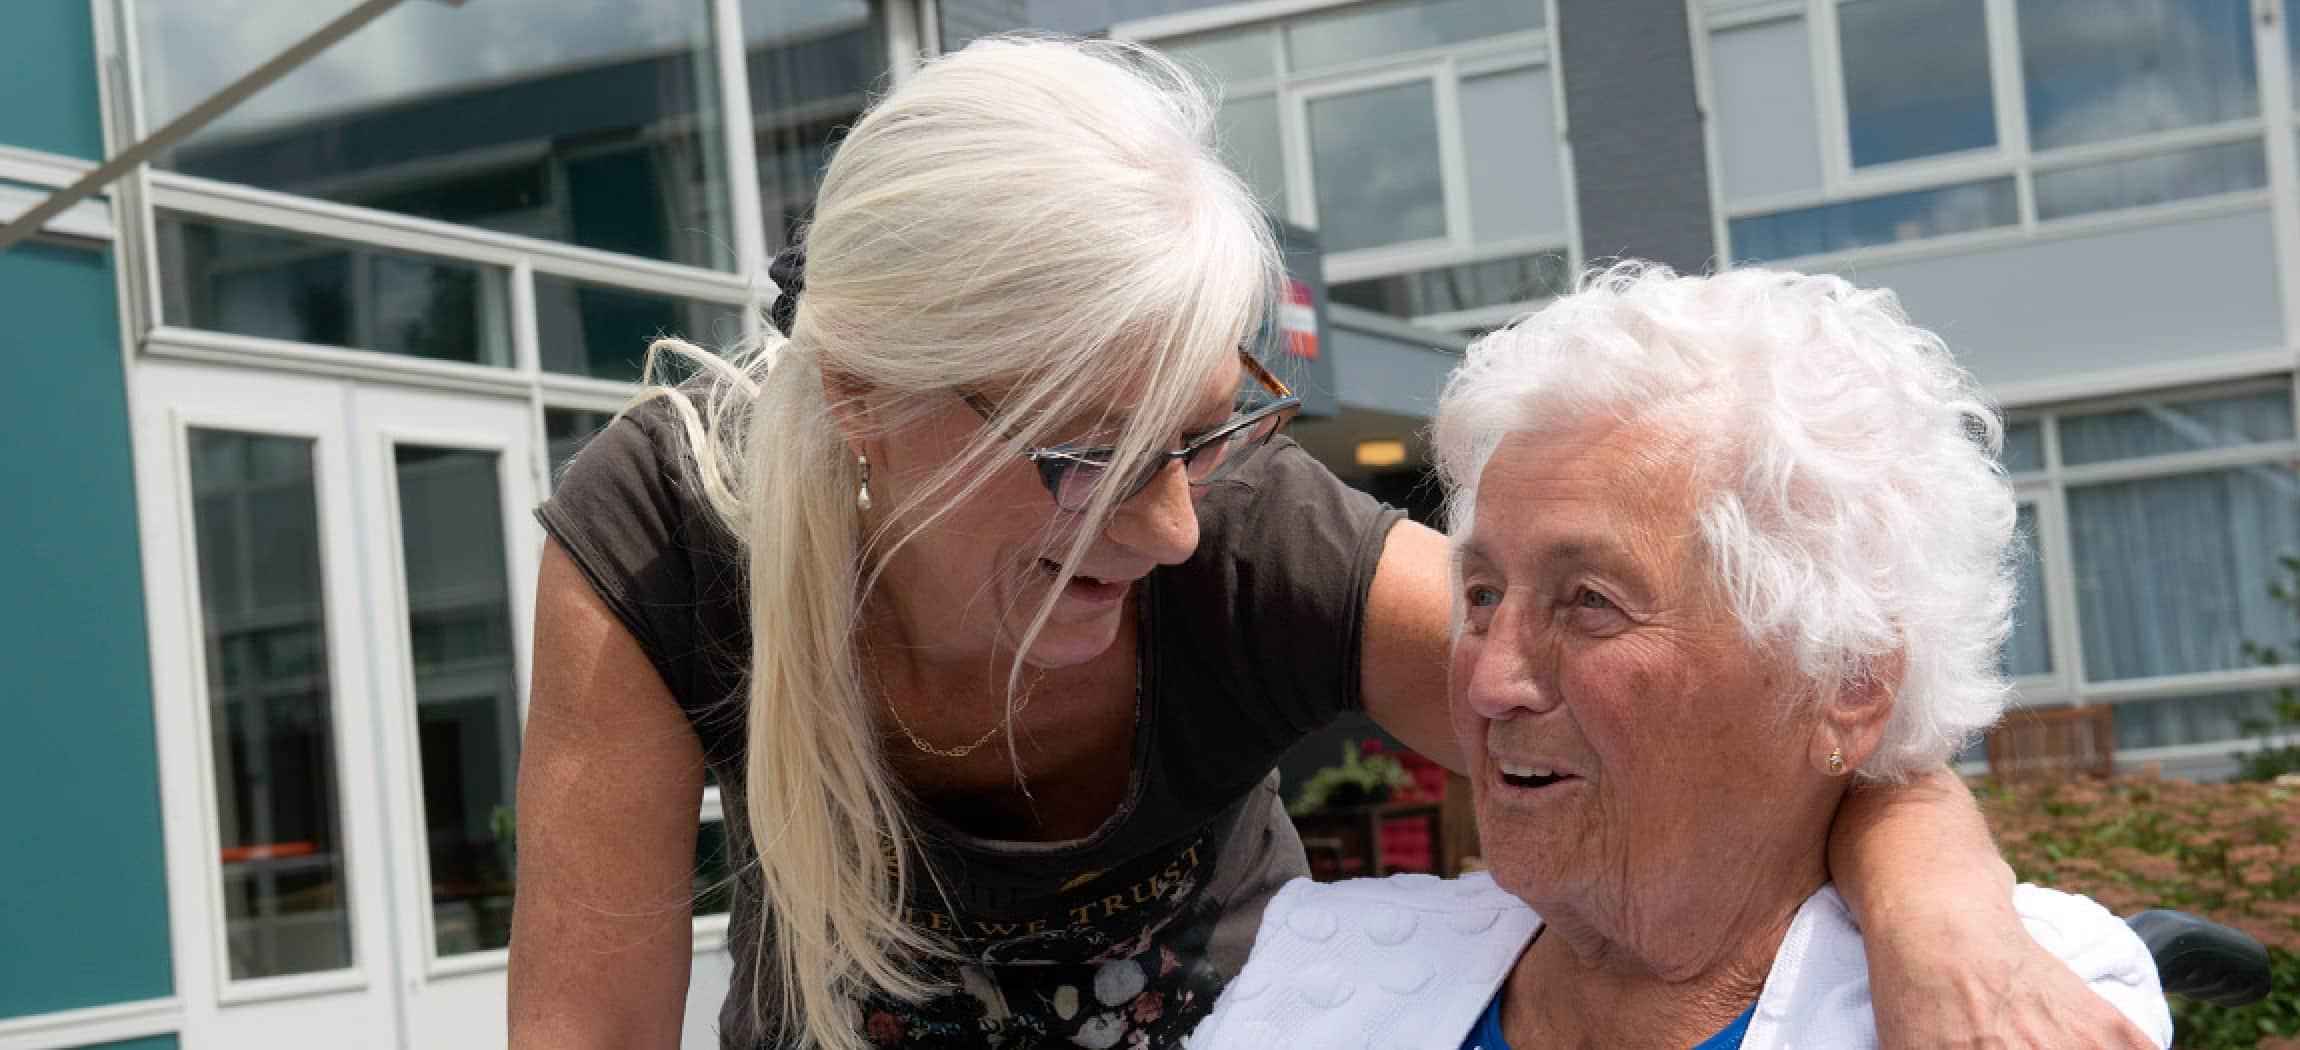 Zorgzame vrouw omarmt oudere vrouw met zilverwit haar